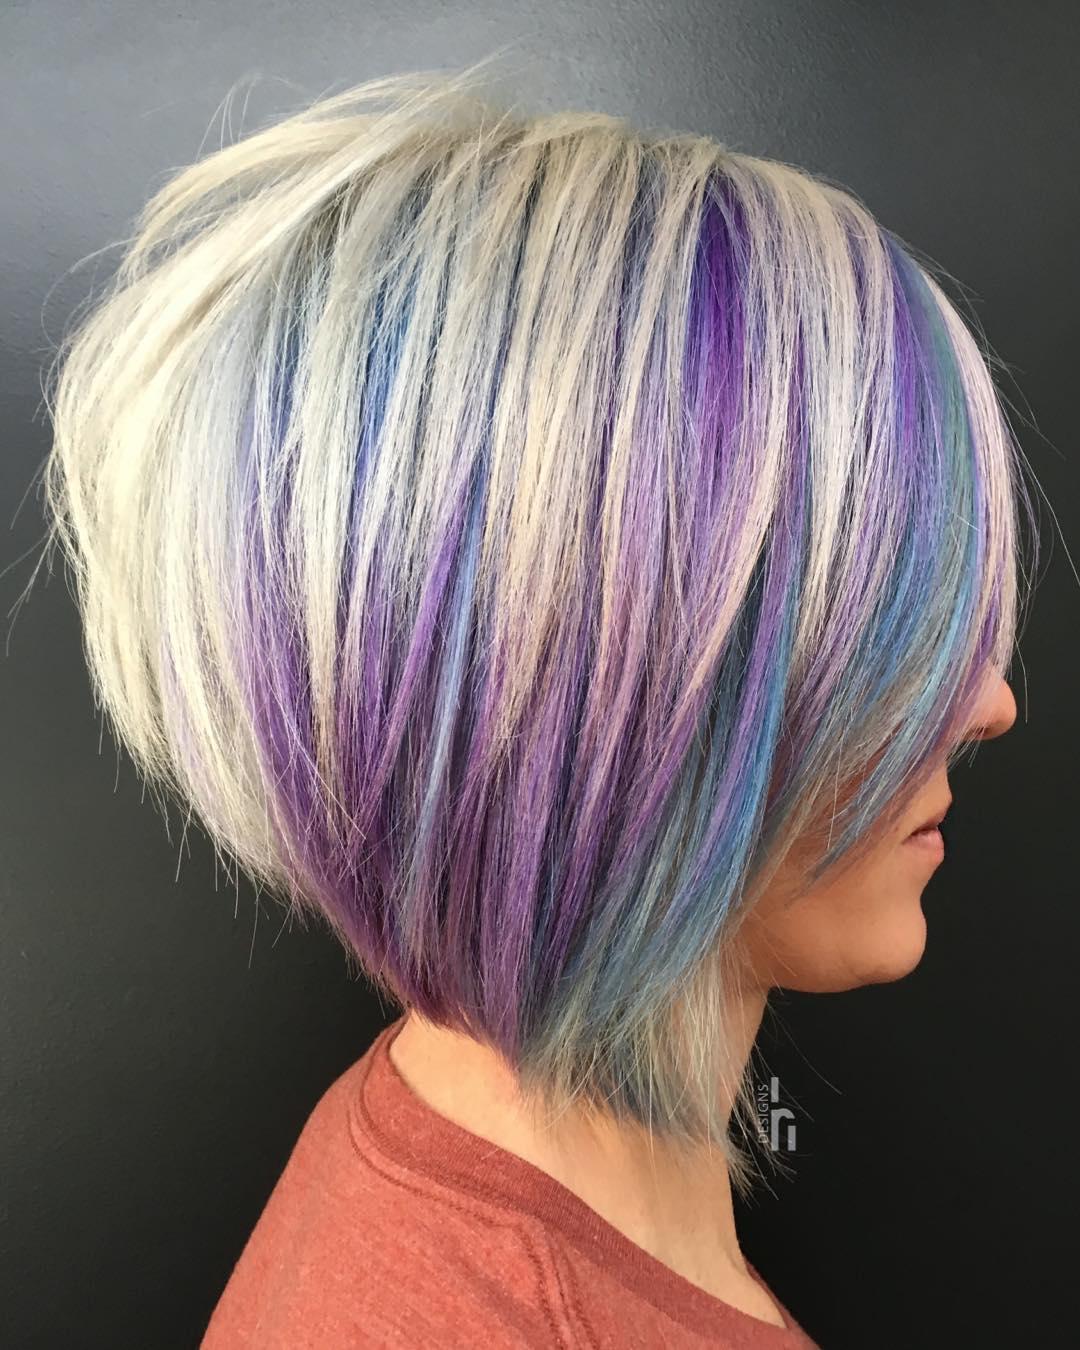 Capelli corti colorati biondo, viola, blu